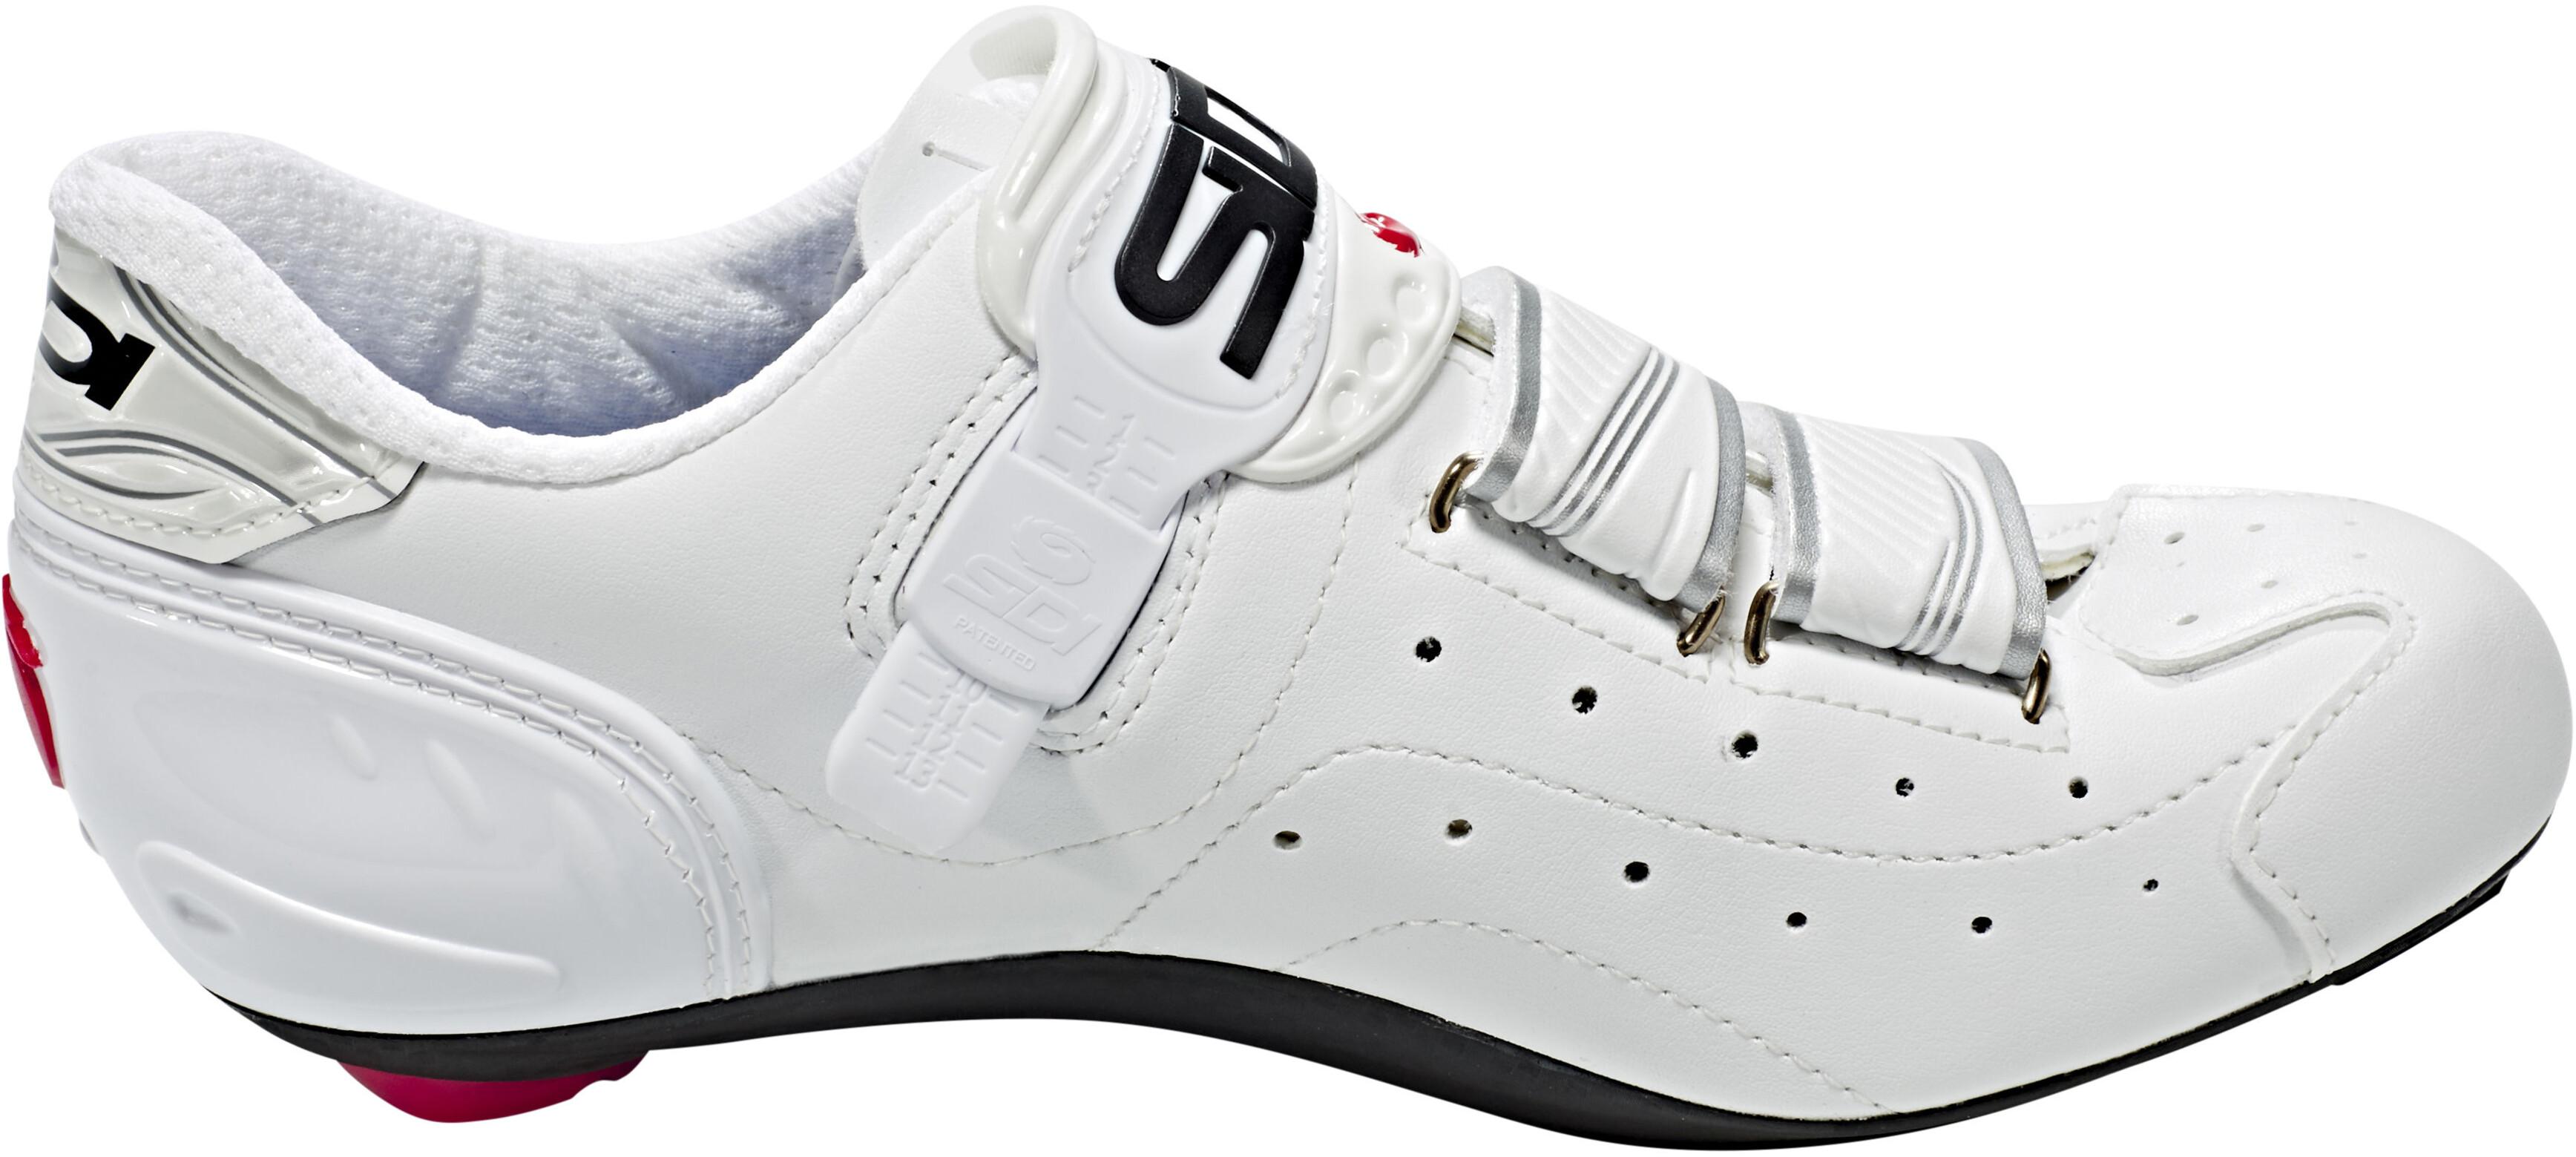 Sidi Alba Shoes Women white at Bikester.co.uk